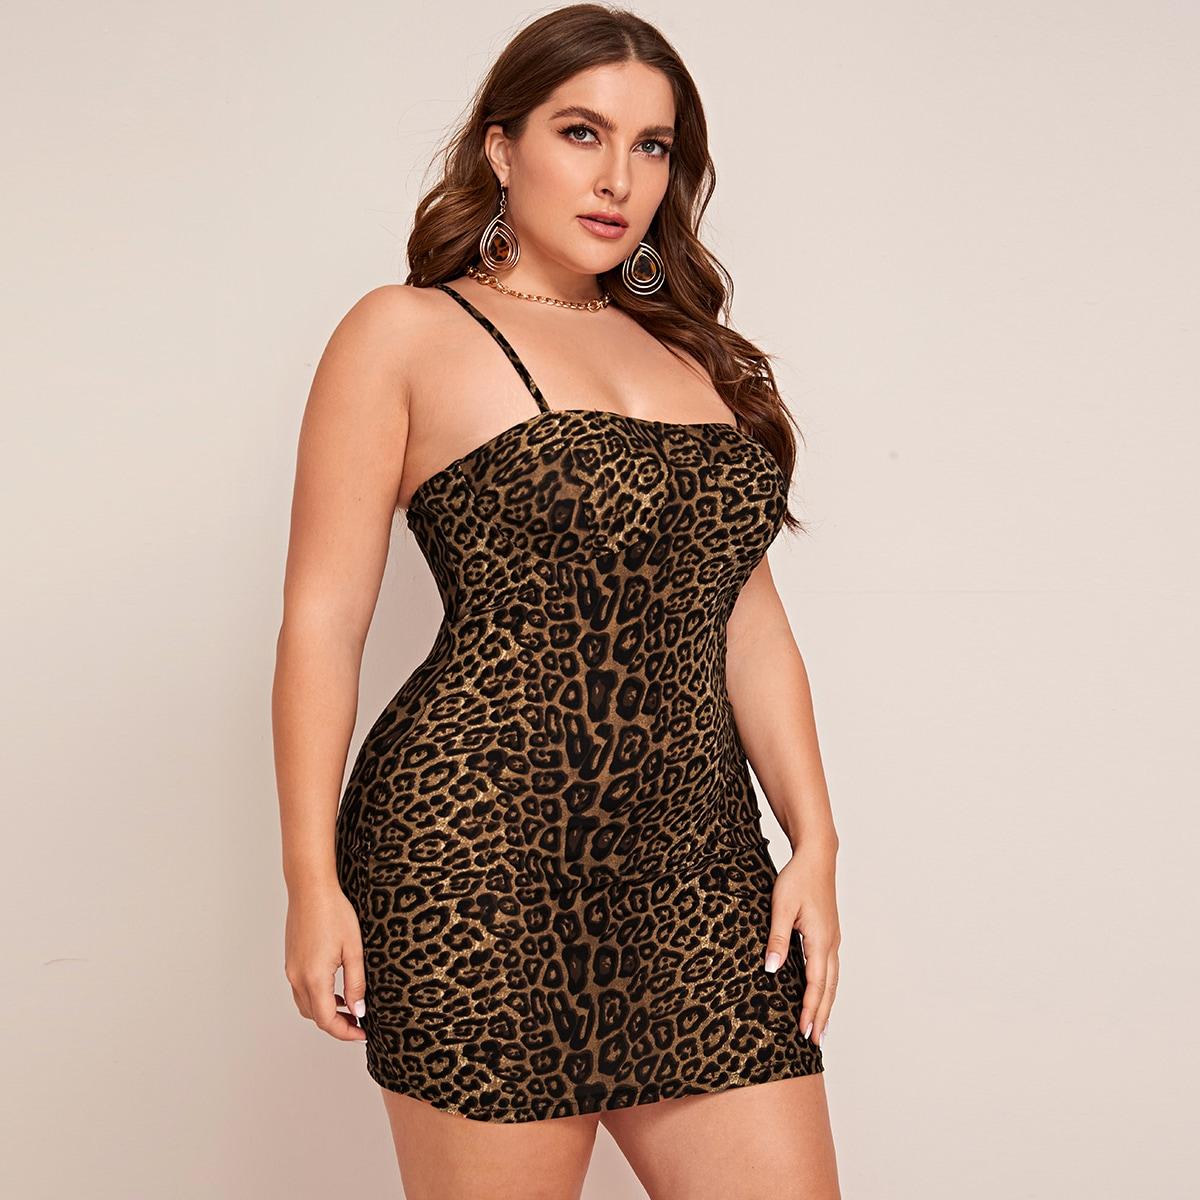 Платье на бретелях размера плюс с леопардовым принтом без цепного пояса фото